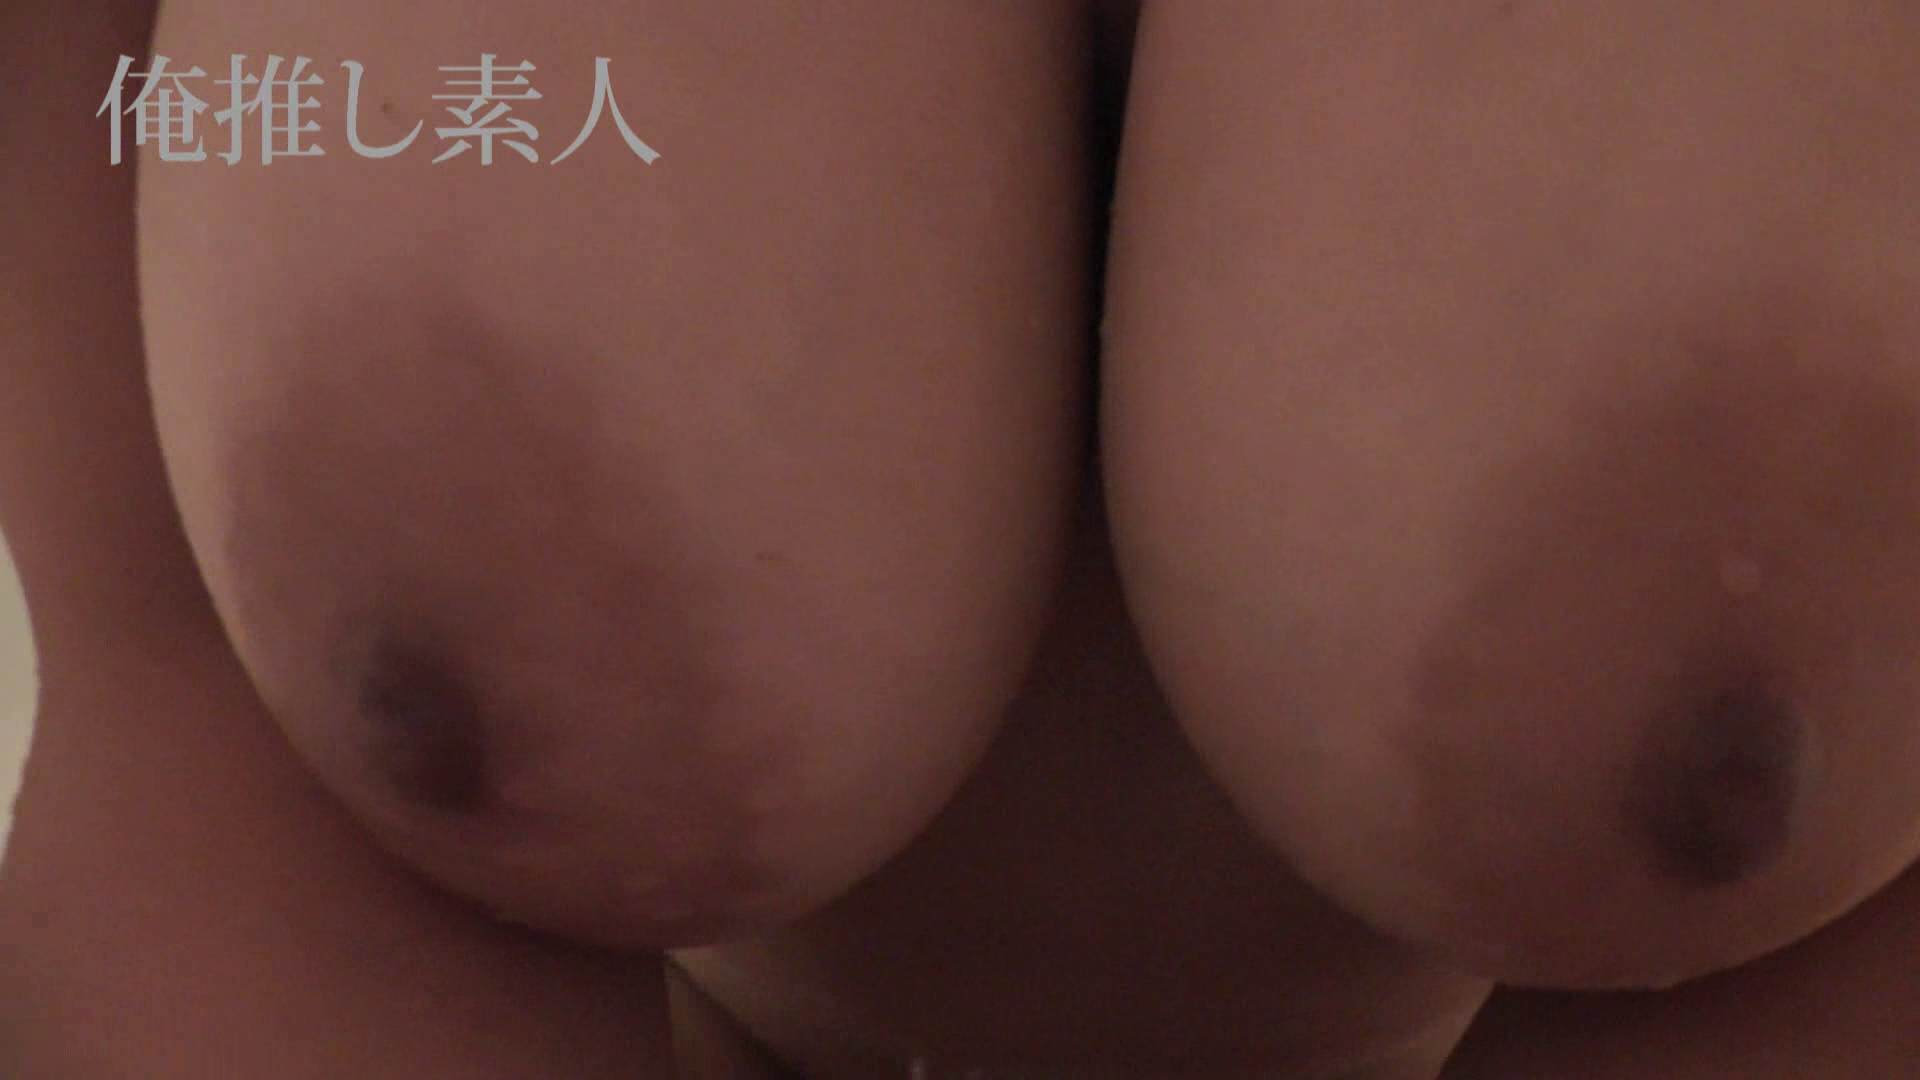 俺推し素人 30代人妻熟女キャバ嬢雫Vol.02 一般投稿  100pic 28